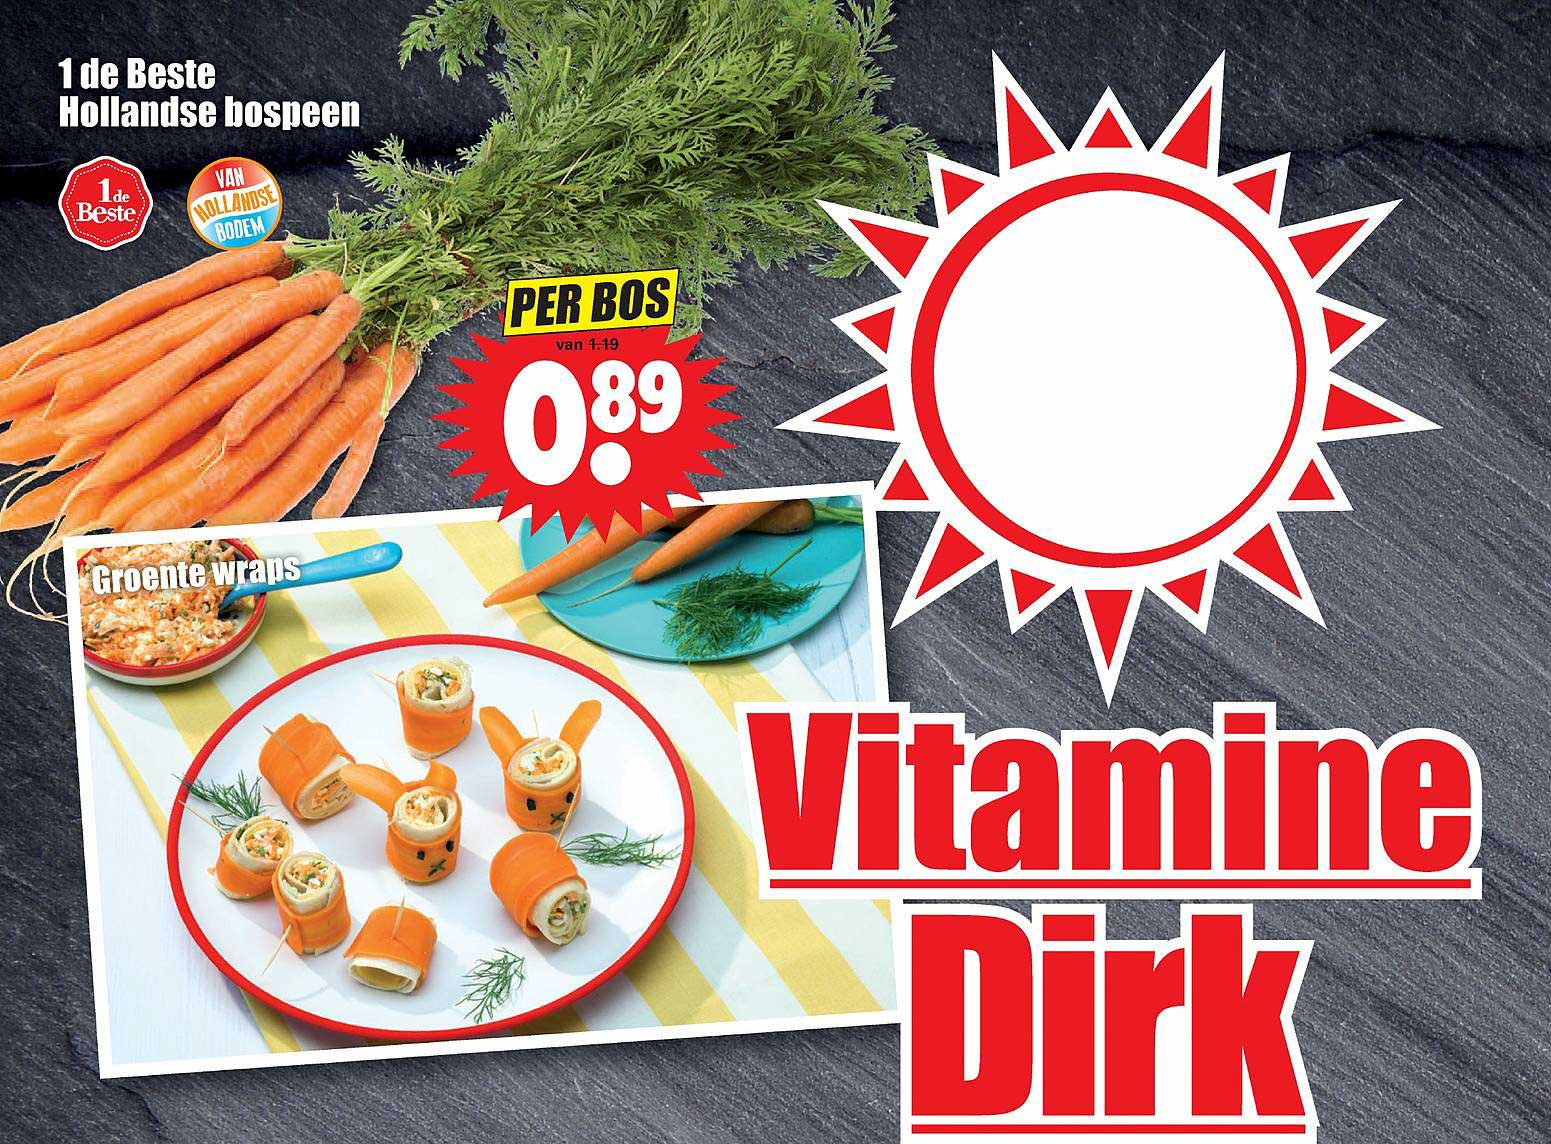 Dirk 1 De Beste Hollandse Bospeen